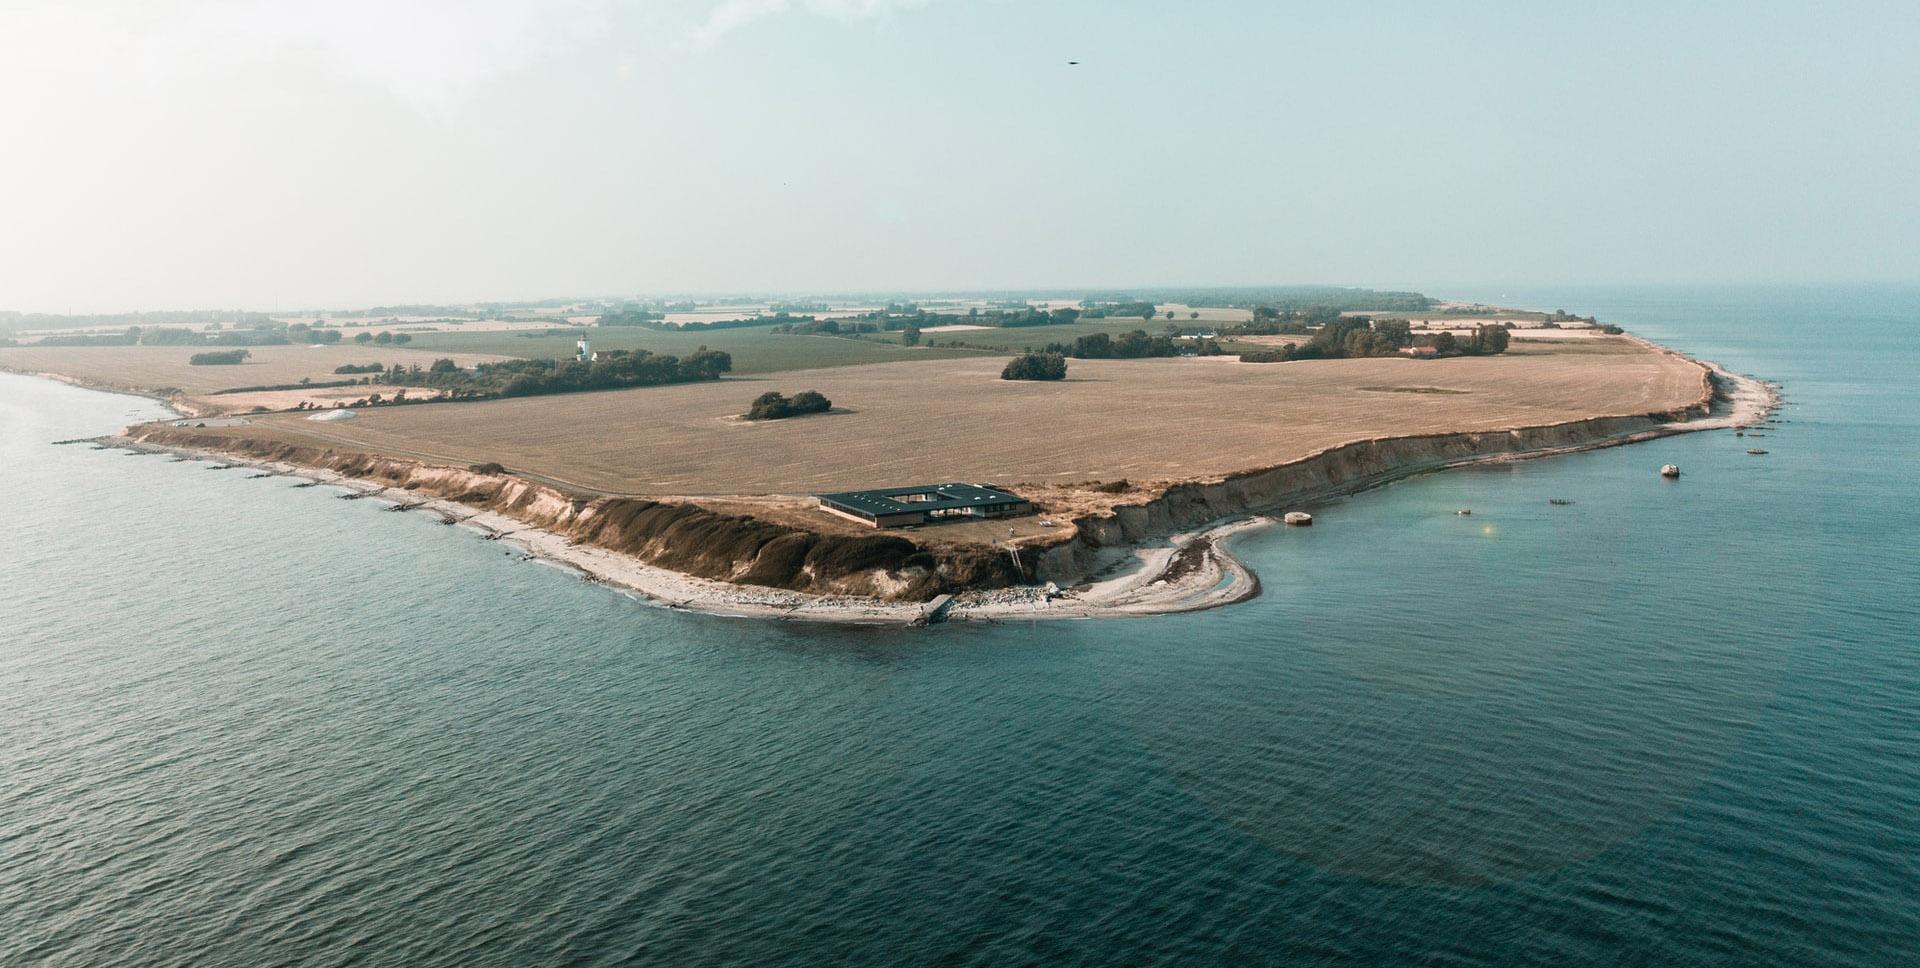 Najbardziej na południe wysunięta część Danii - Gedser Odde na wyspie Falster. Fot. Benjamin Blattler on Unsplash.